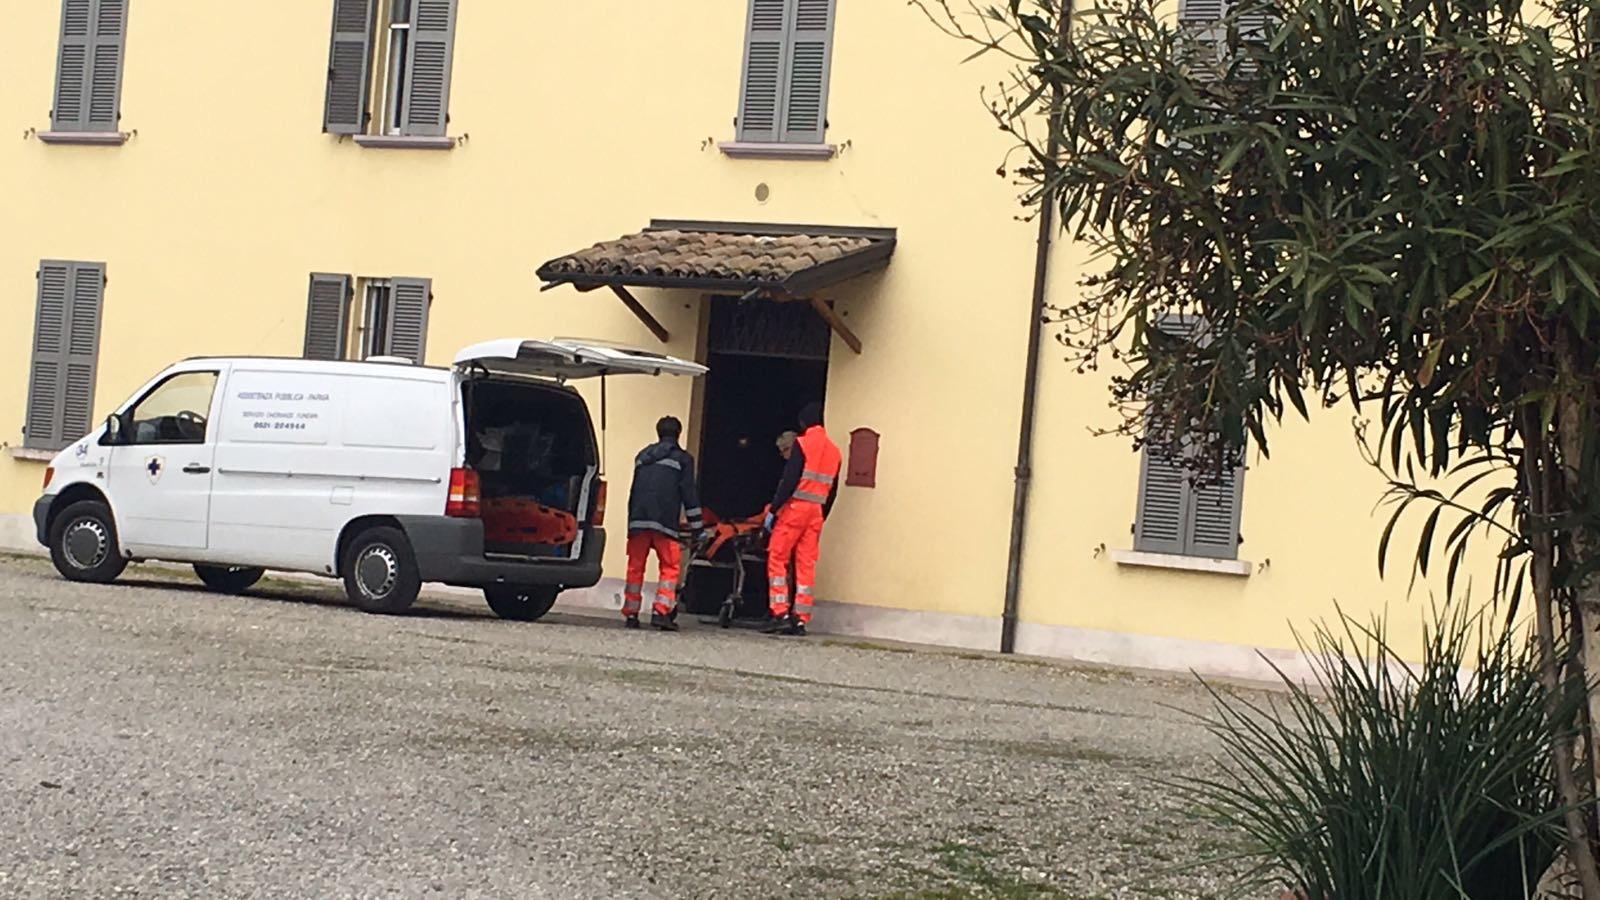 Anziano muore dopo una lite in casa: arrestato il figlio